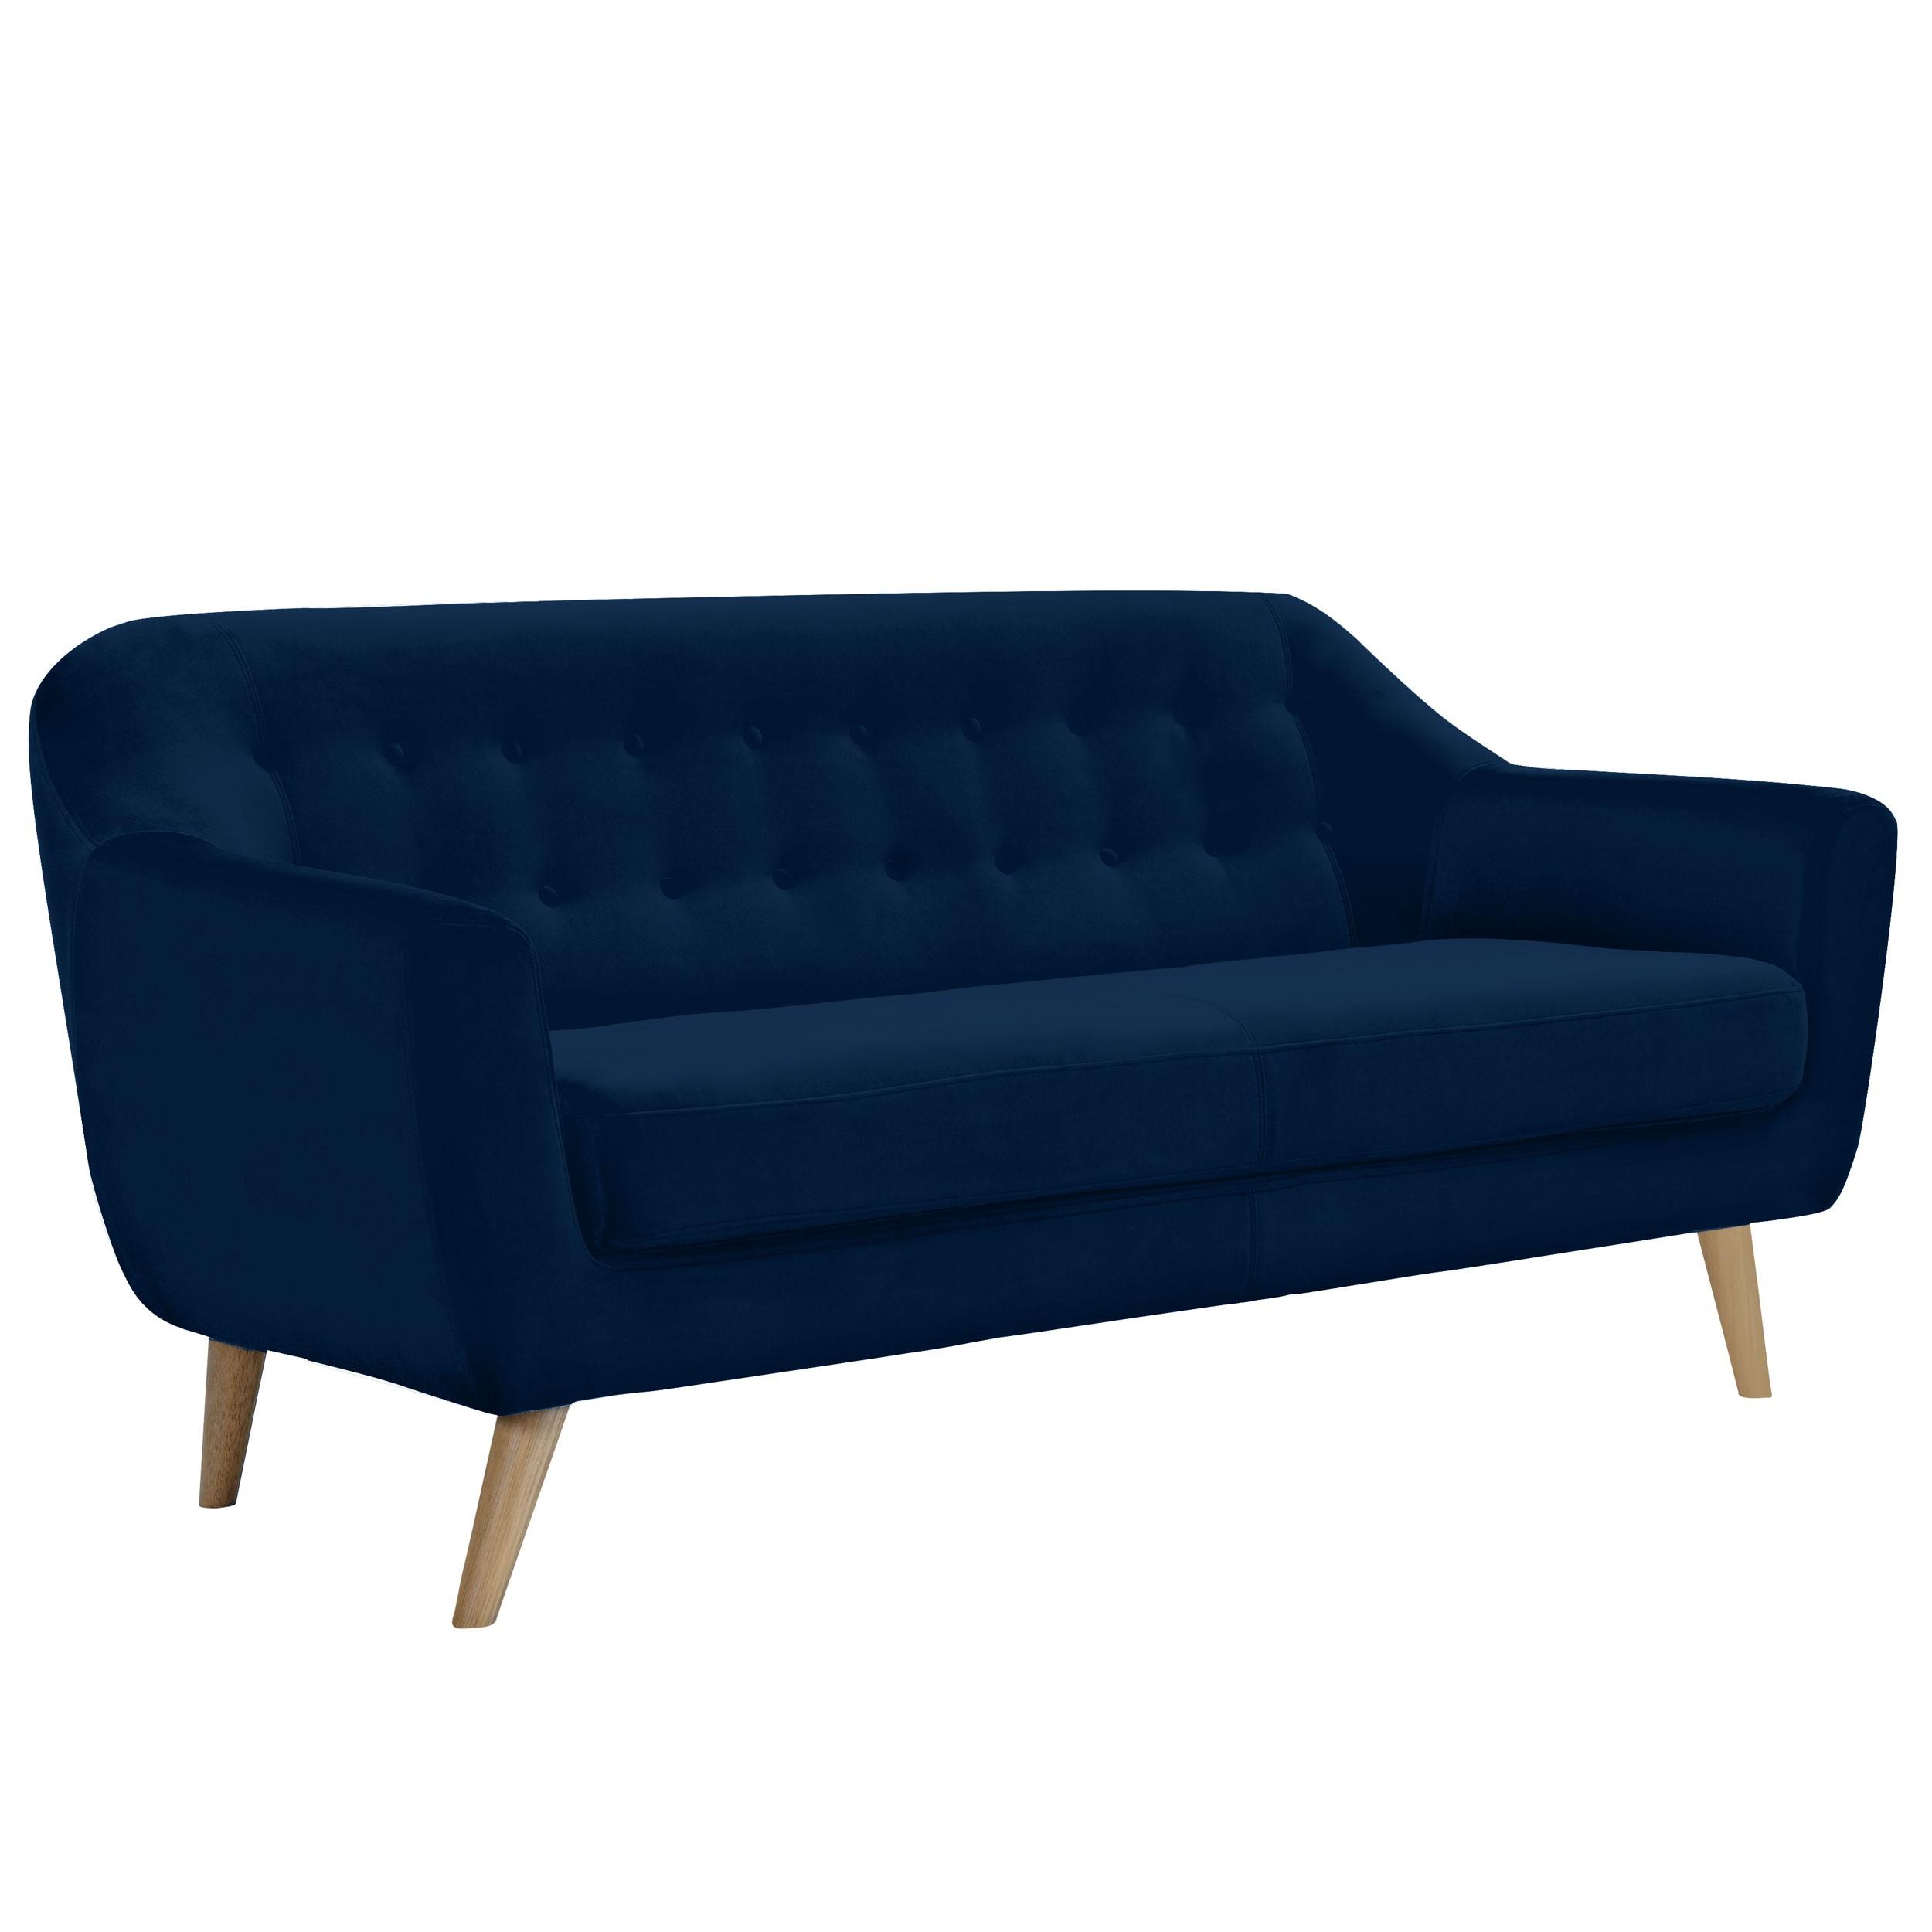 canap rio 3 places en velours bleu fonc commandez nos canap s rio 3 places en velours bleu. Black Bedroom Furniture Sets. Home Design Ideas